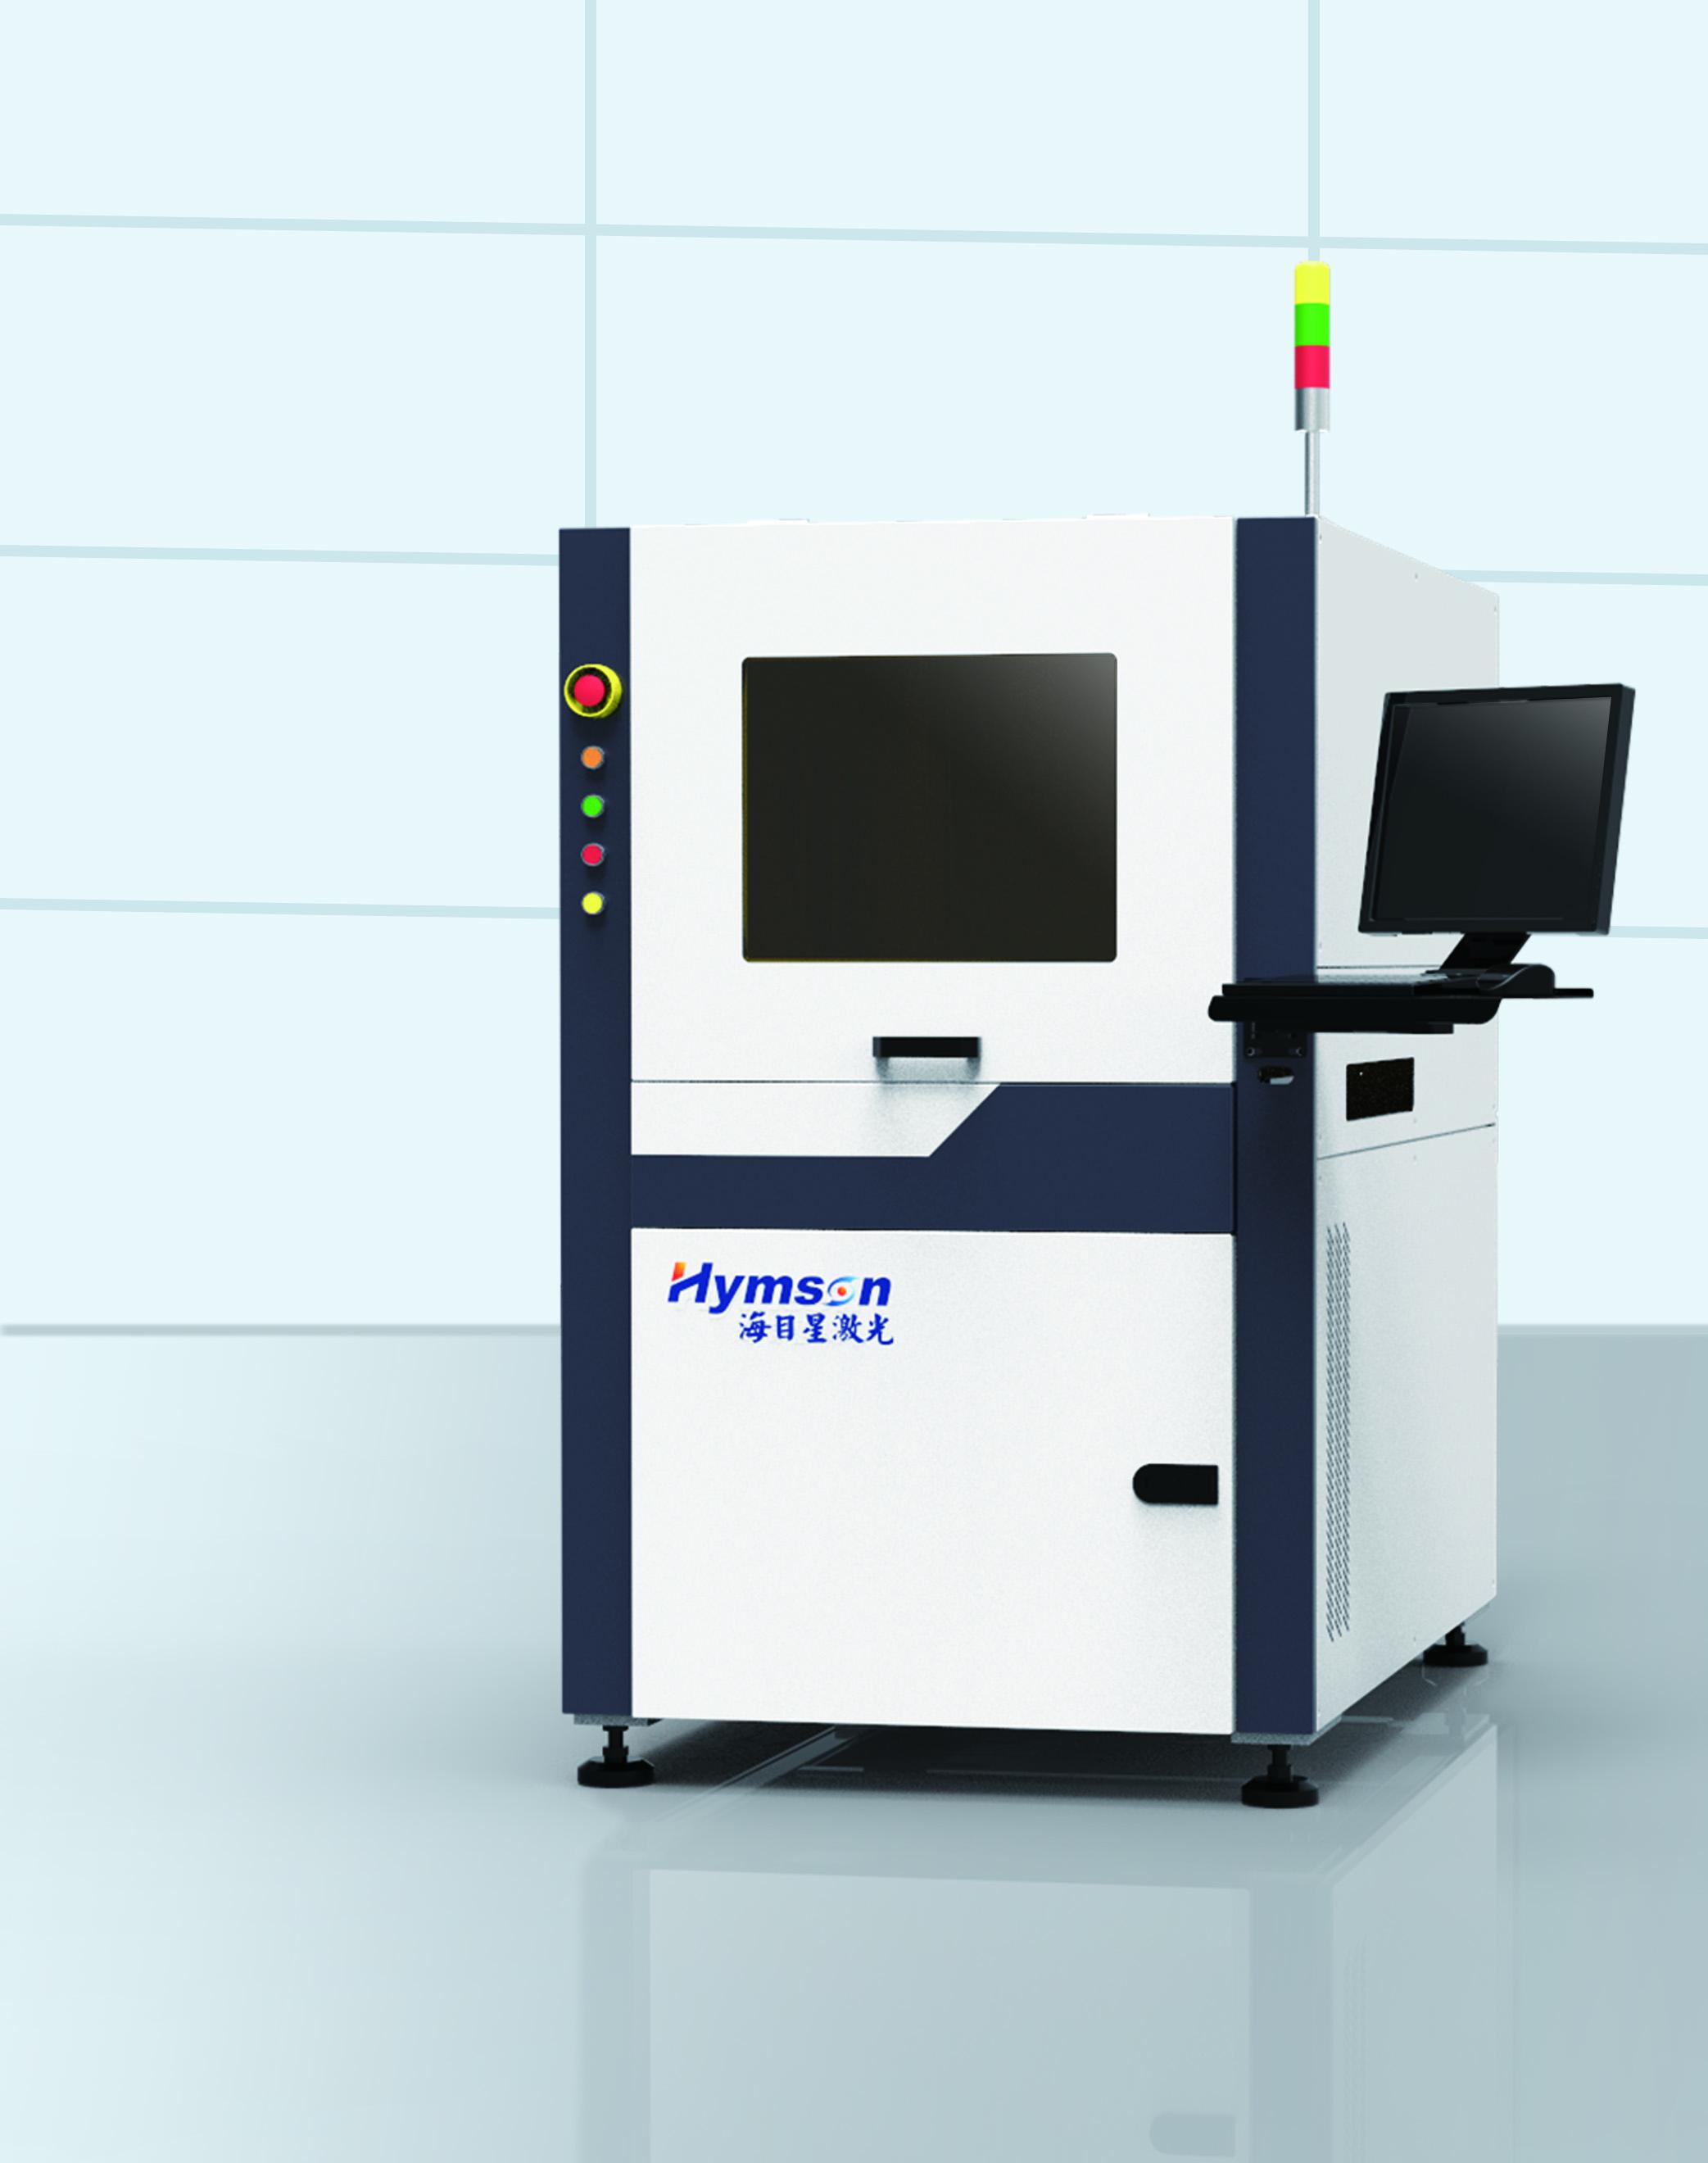 Hymson HYM-P7 上下双头PCB激光打标机